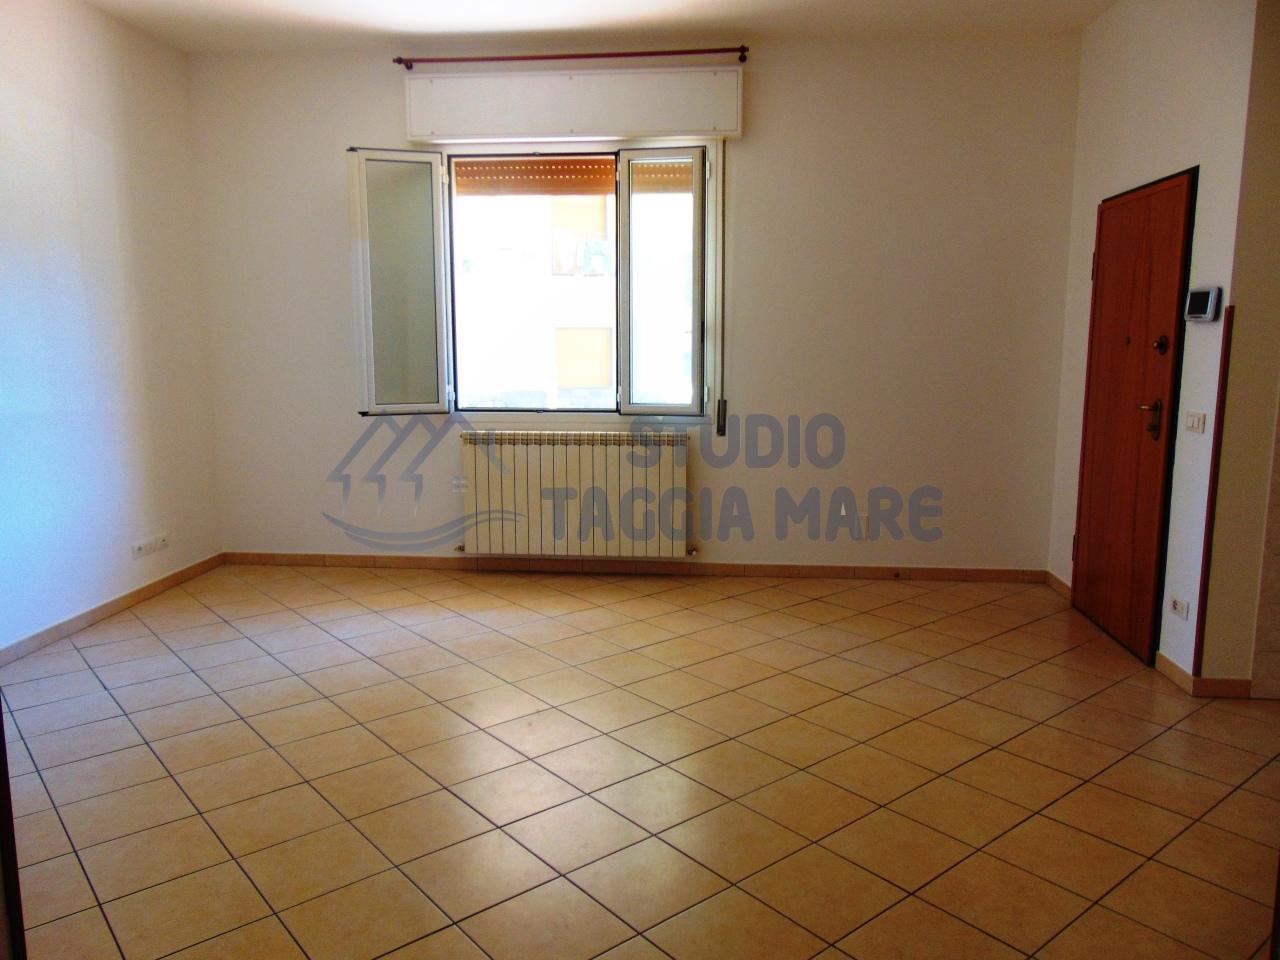 Appartamento in affitto a Taggia, 2 locali, prezzo € 460 | CambioCasa.it